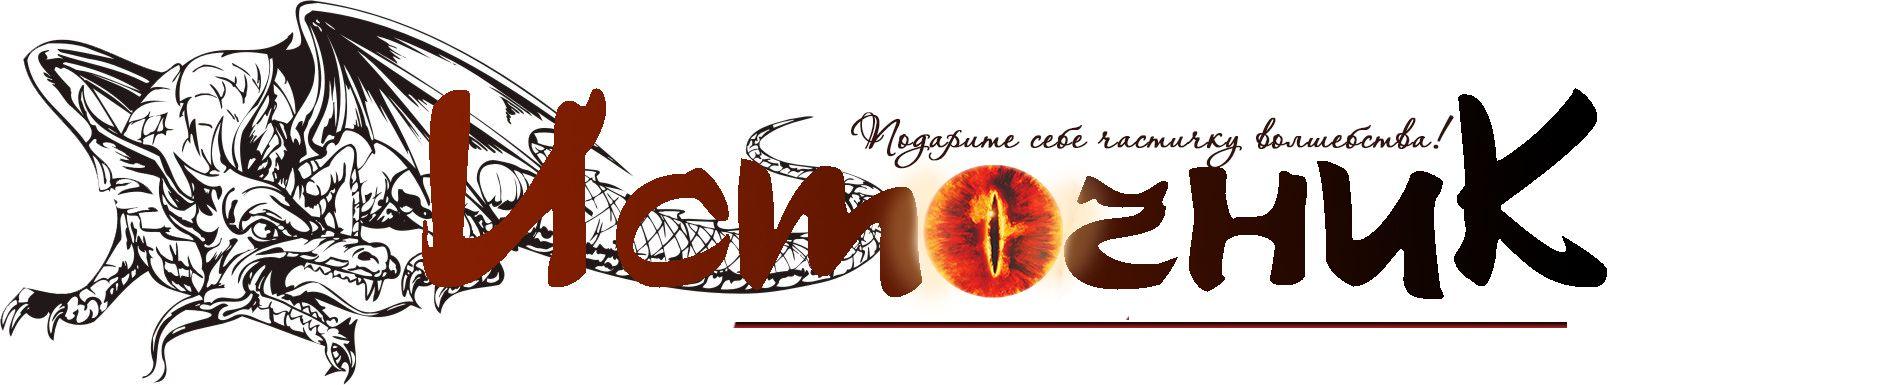 Логотип для магазина Украшений из Фильмов - дизайнер shytnica